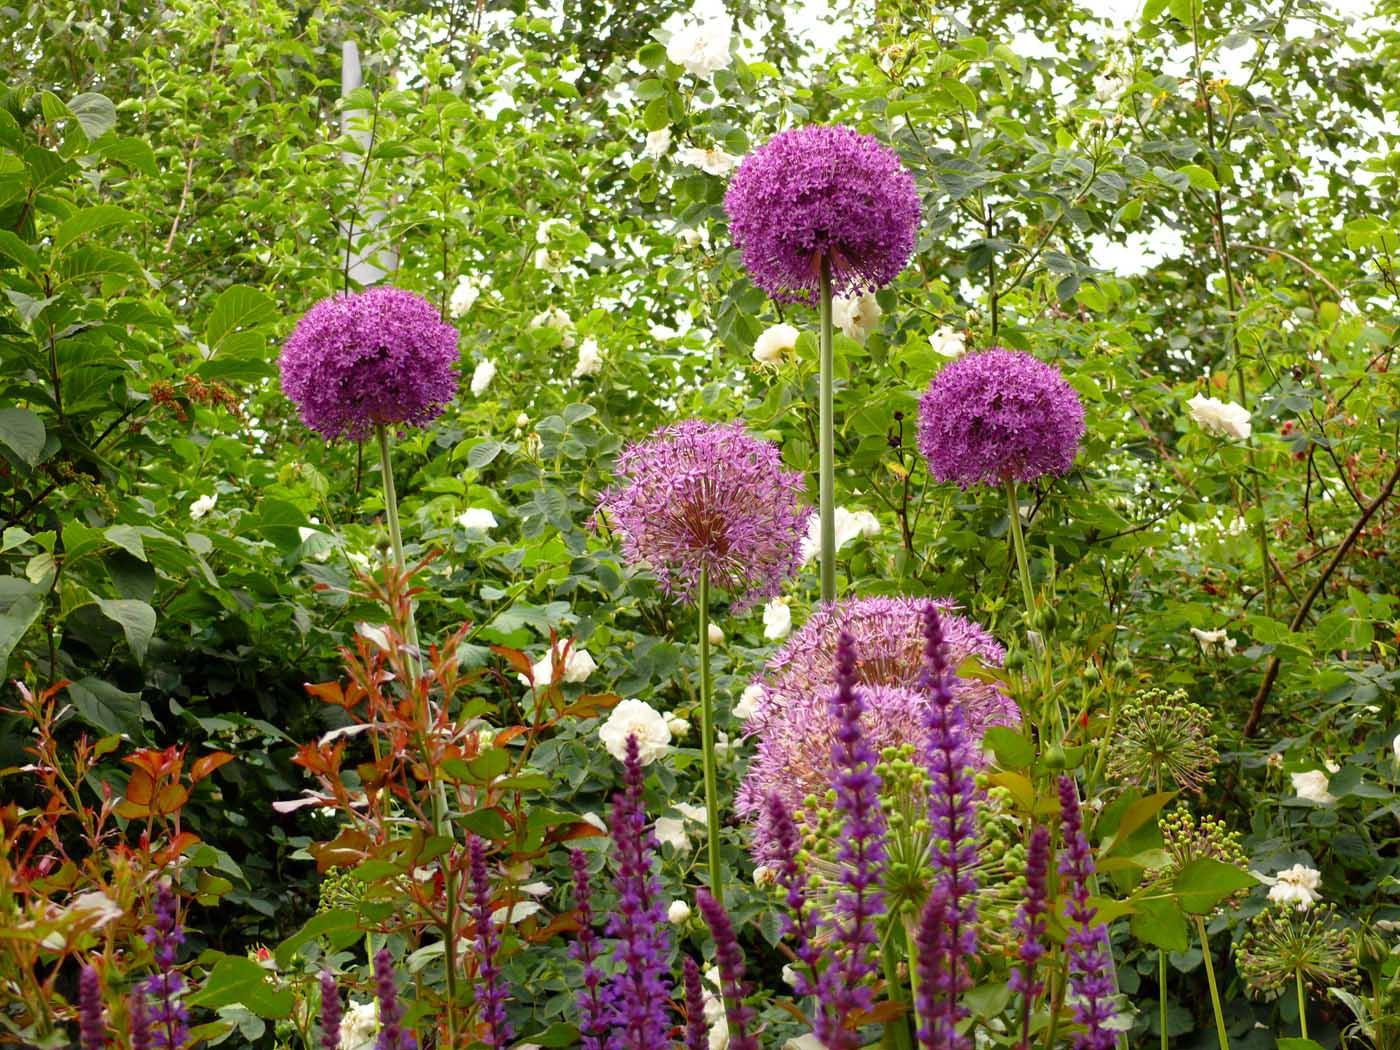 Uberlegen ... Reischl Blumen Gestaltung ...